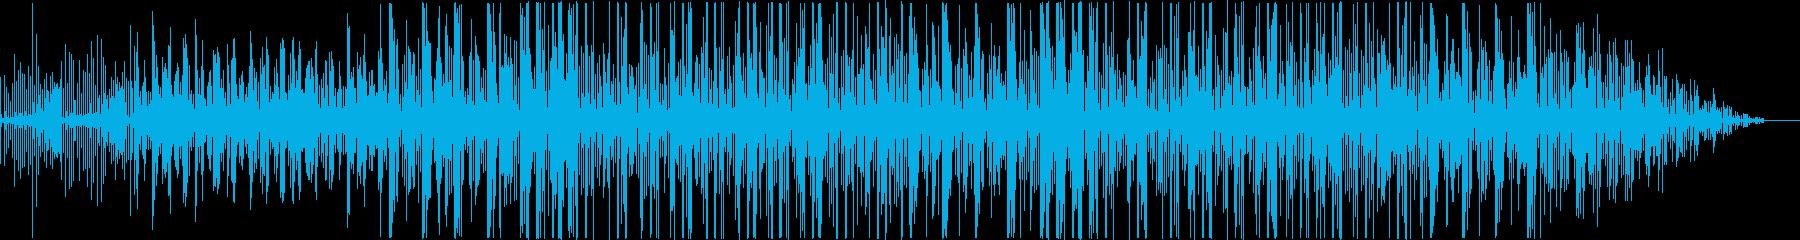 ノスタルジックなTRAPビートの再生済みの波形